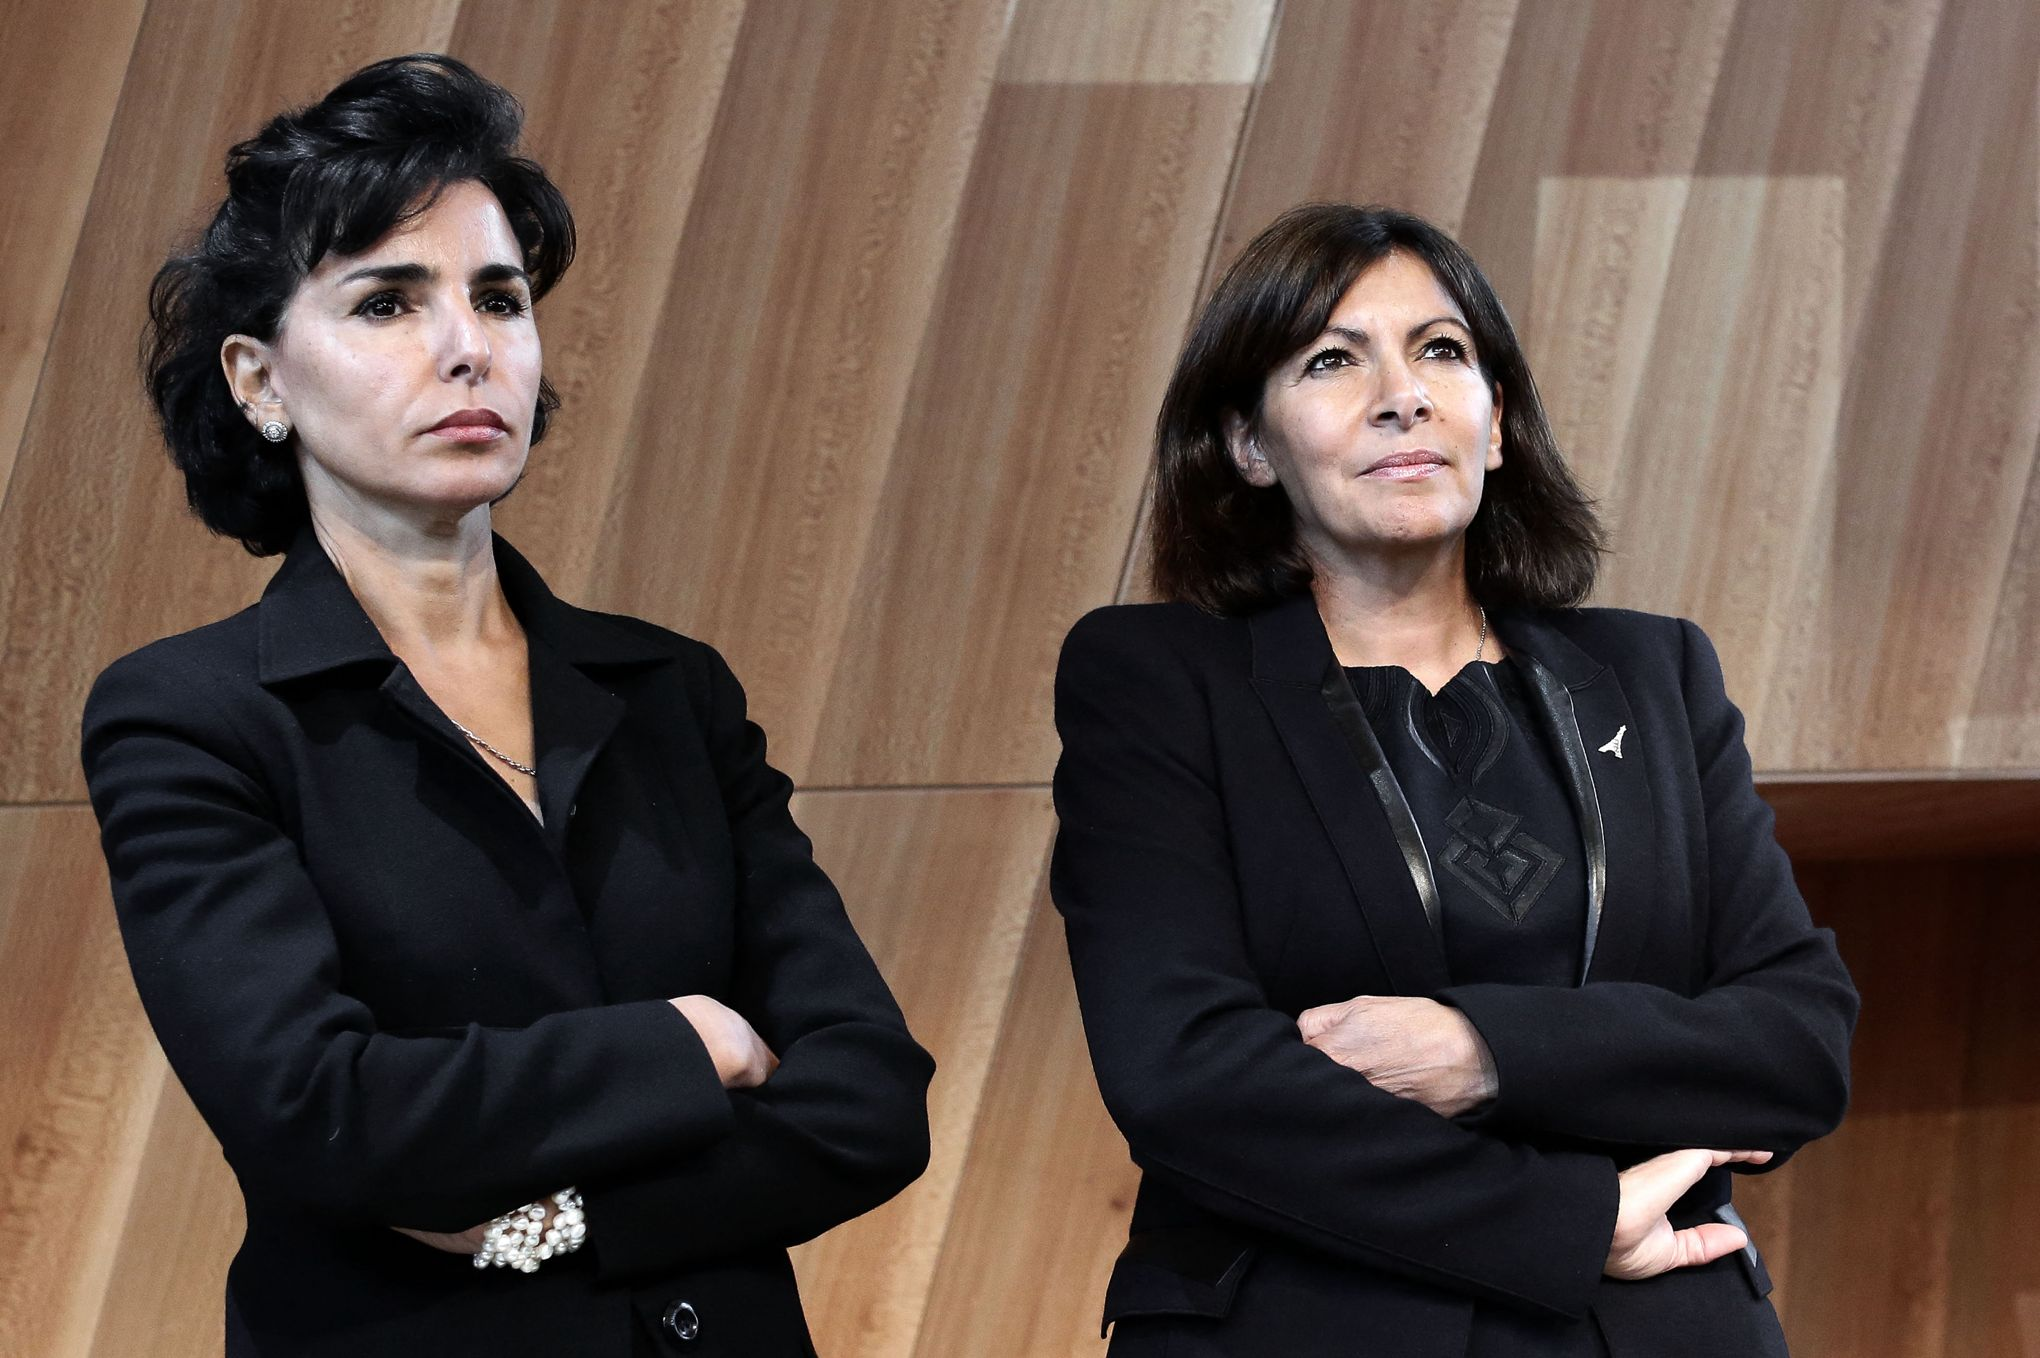 Municipales A Paris Le Duel Hidalgo Dati S Installe Griveaux